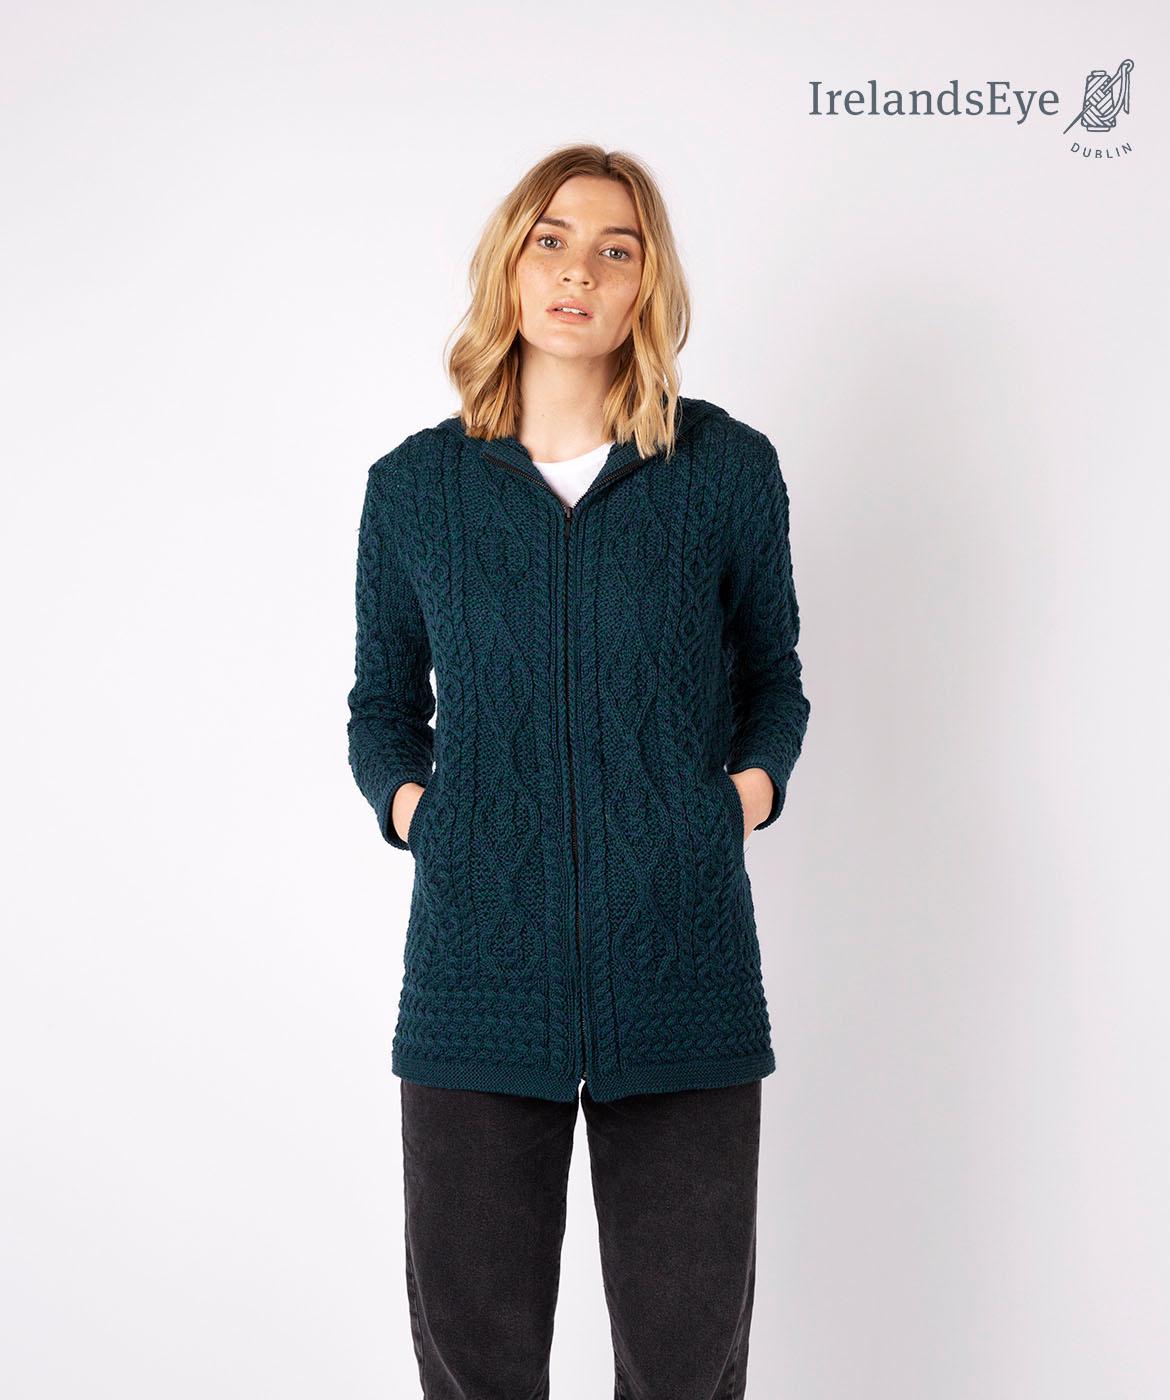 Veste longue laine irlandaise hazel A912